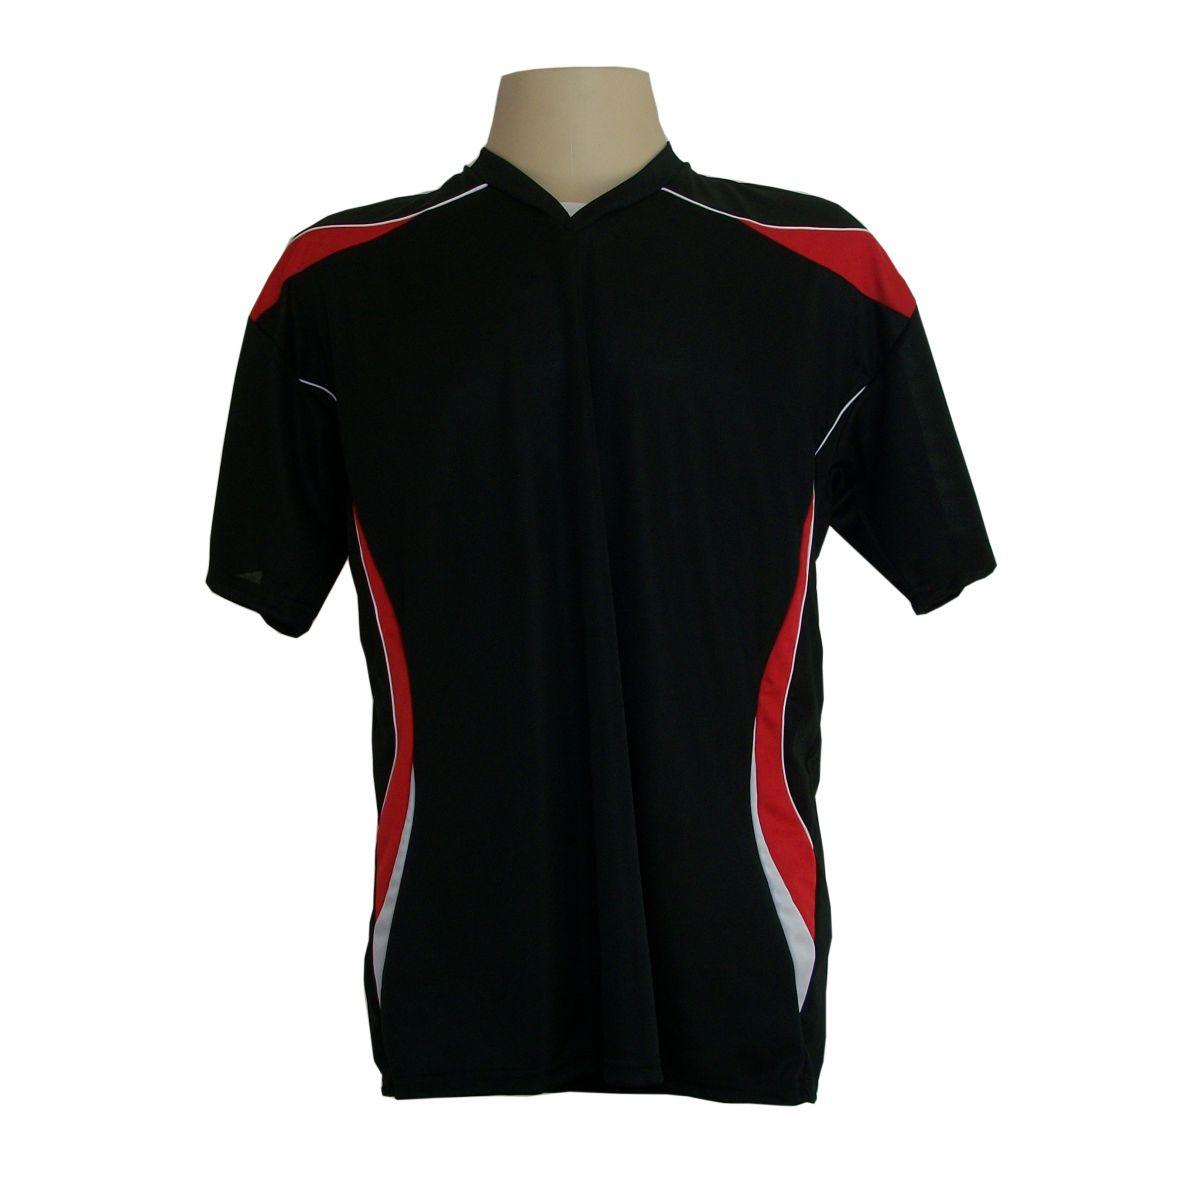 Jogo de Camisa M�naco com 12 pe�as Preto/Vermelho/Branco - Frete Gr�tis Brasil + Brindes